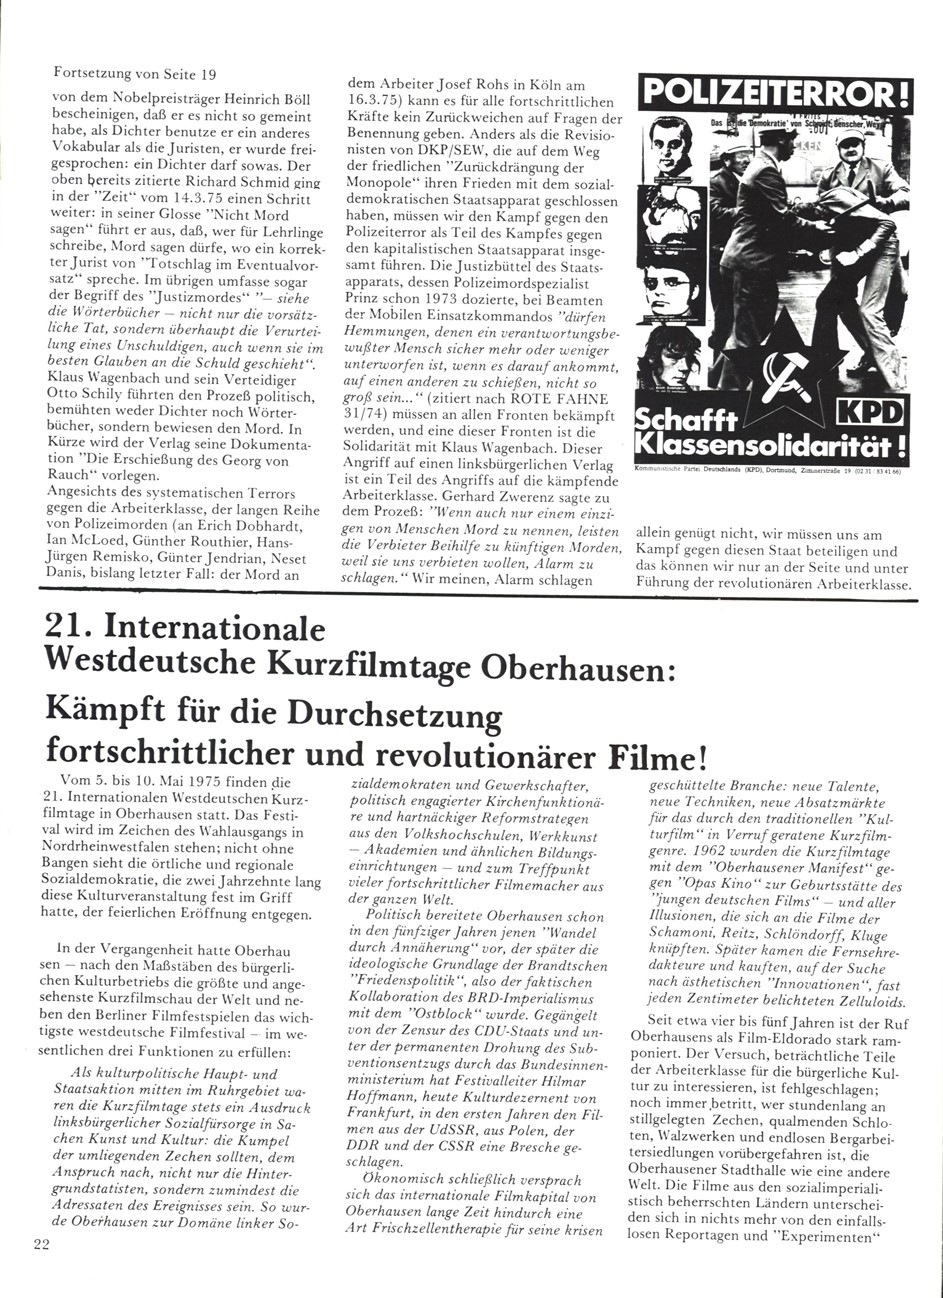 VSK_Kaempfende_Kunst_19750400_22